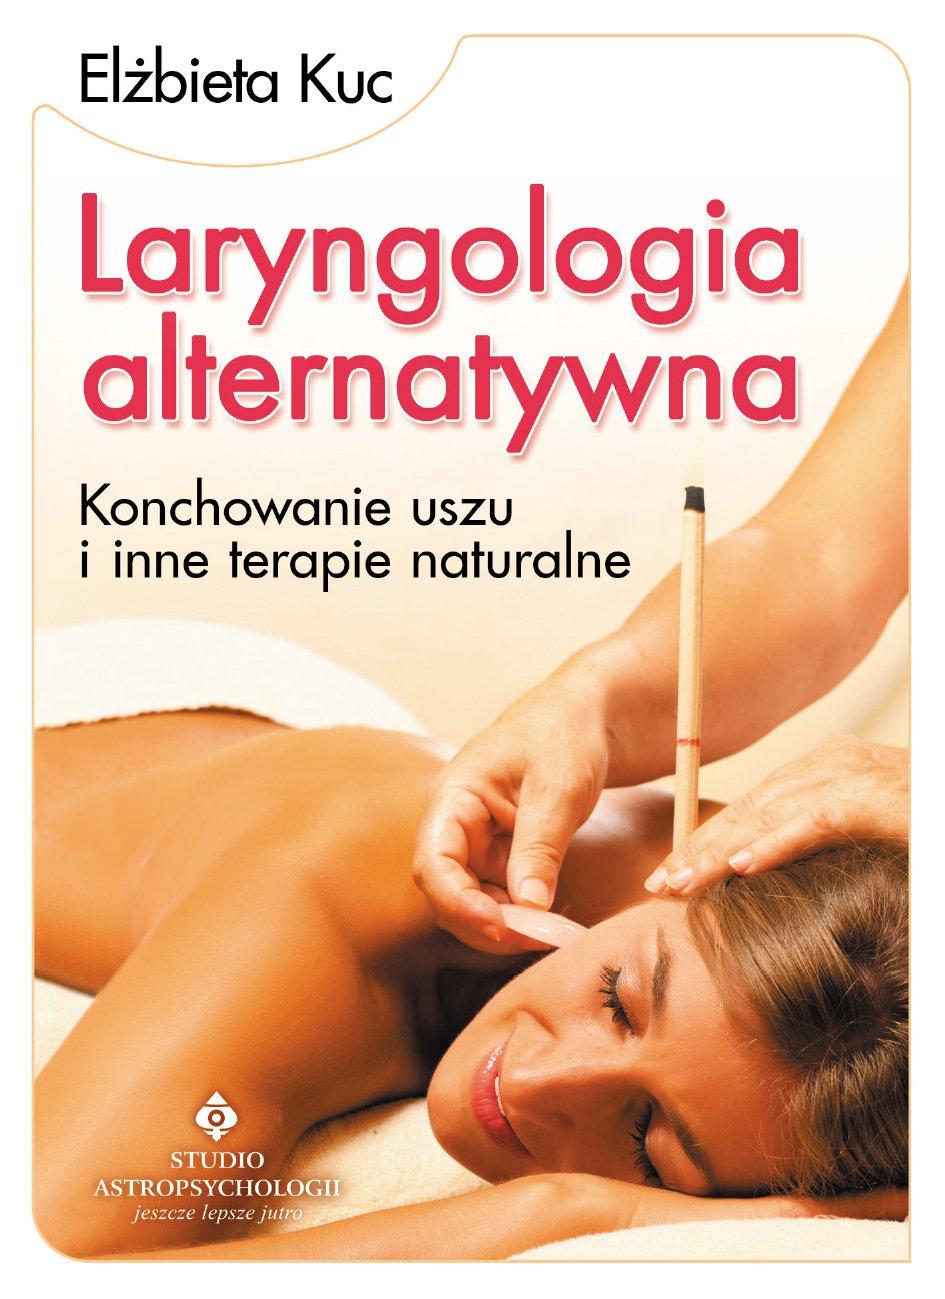 Laryngologia alternatywna. Konchowanie uszu i inne terapie naturalne - Ebook (Książka EPUB) do pobrania w formacie EPUB